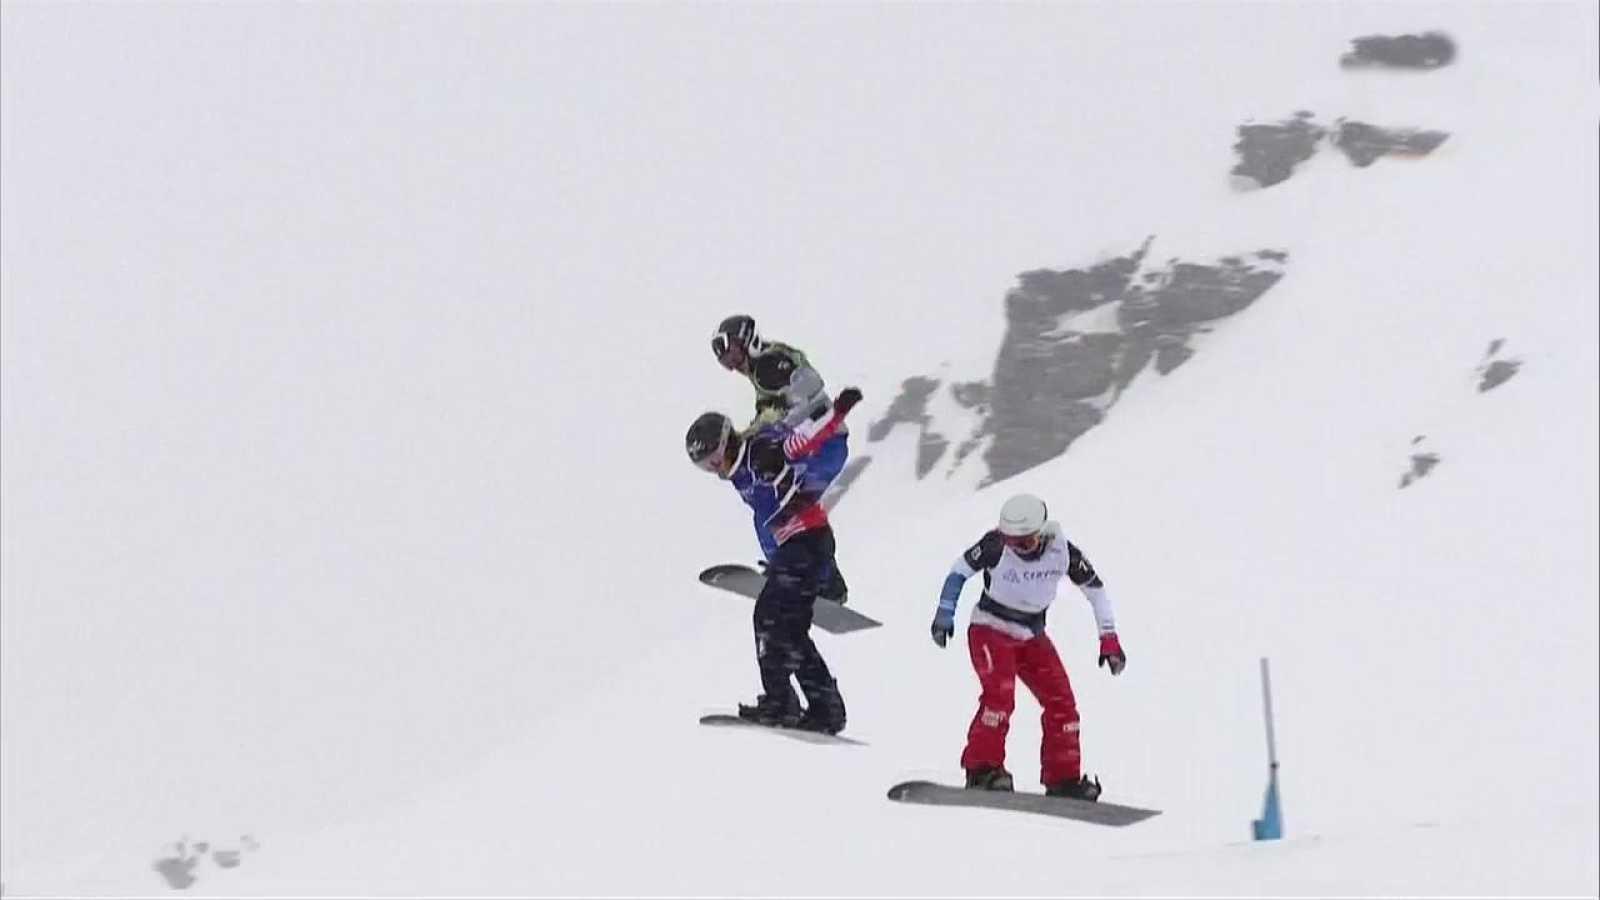 Snowboard - Copa del Mundo 2018/2019 Finales Snowboard Cross Prueba Cervinia - ver ahora